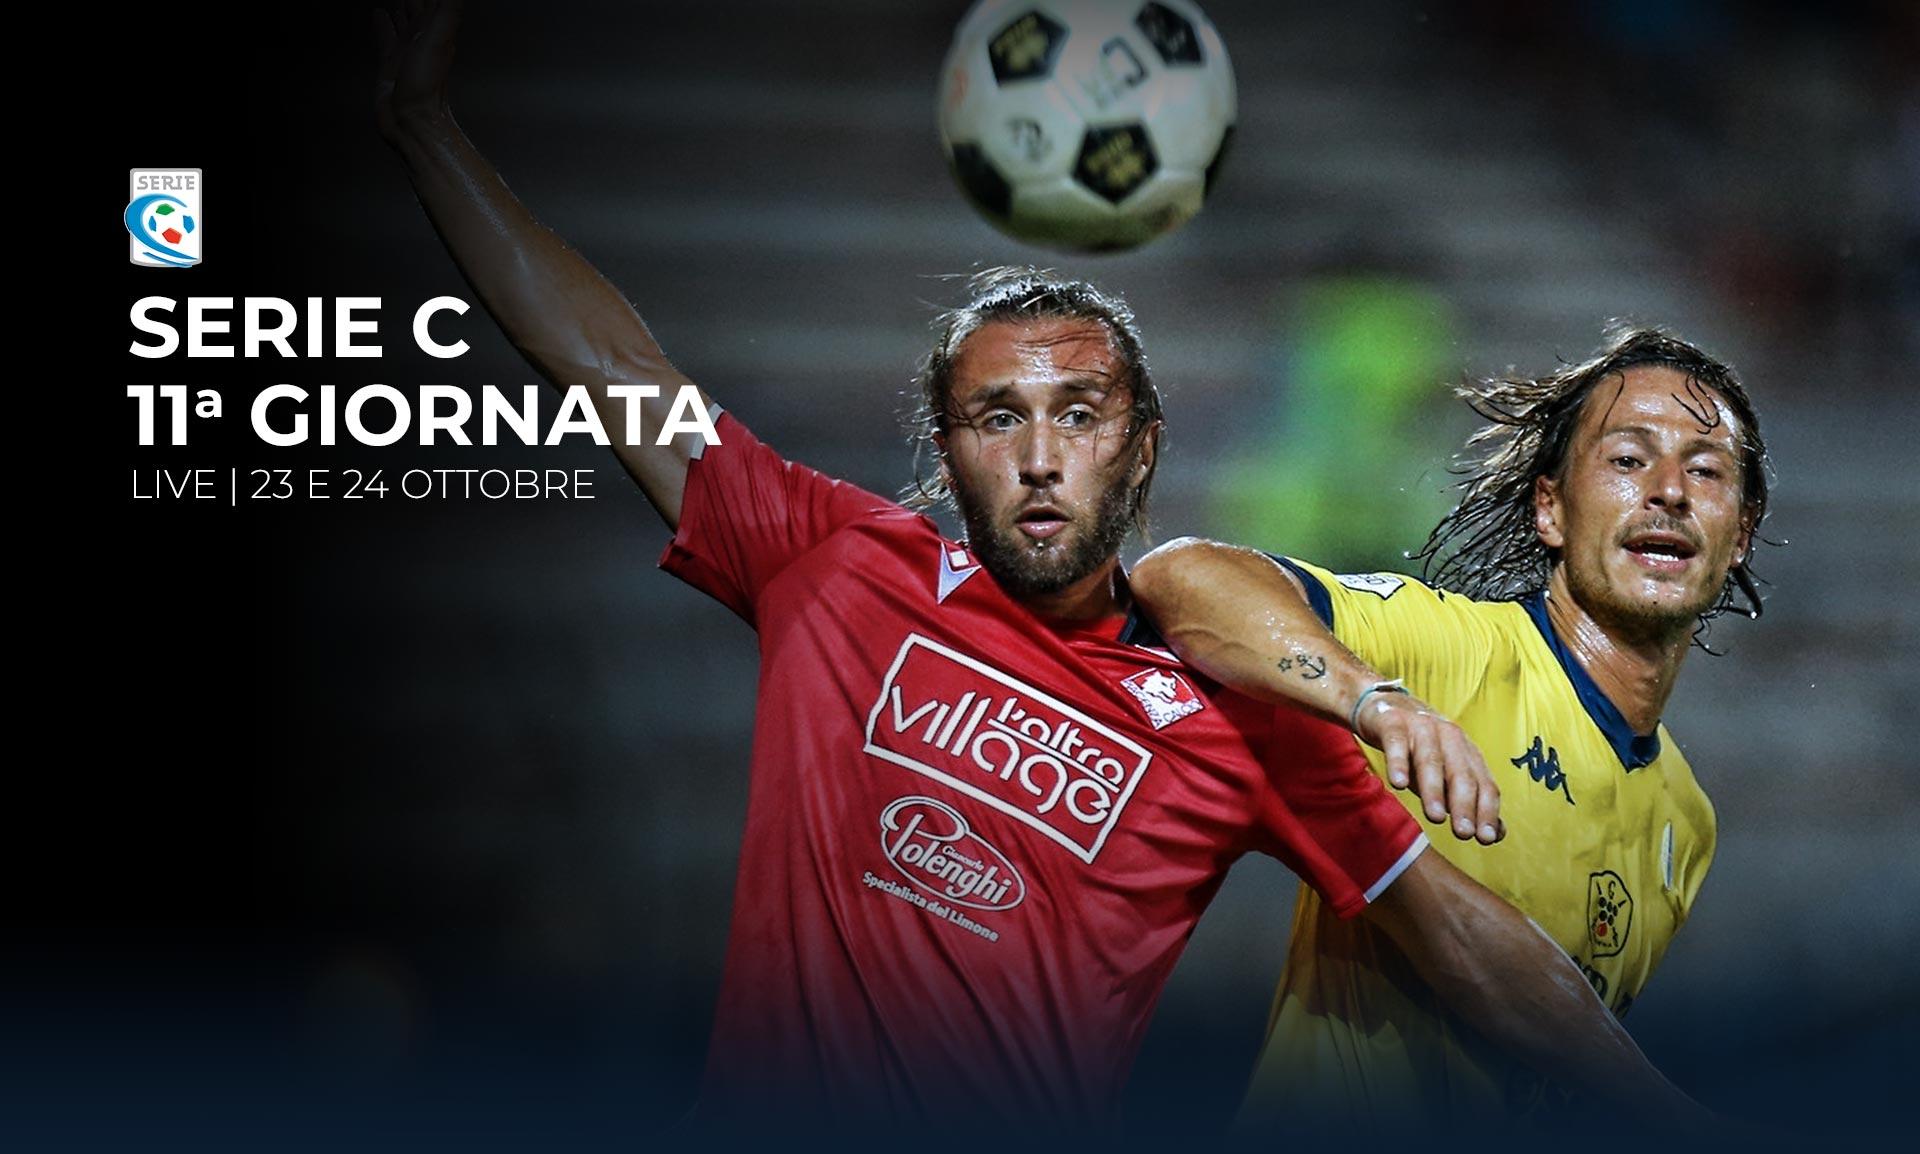 Serie C TV, 11a Giornata  - Programma e Telecronisti Eleven Sports